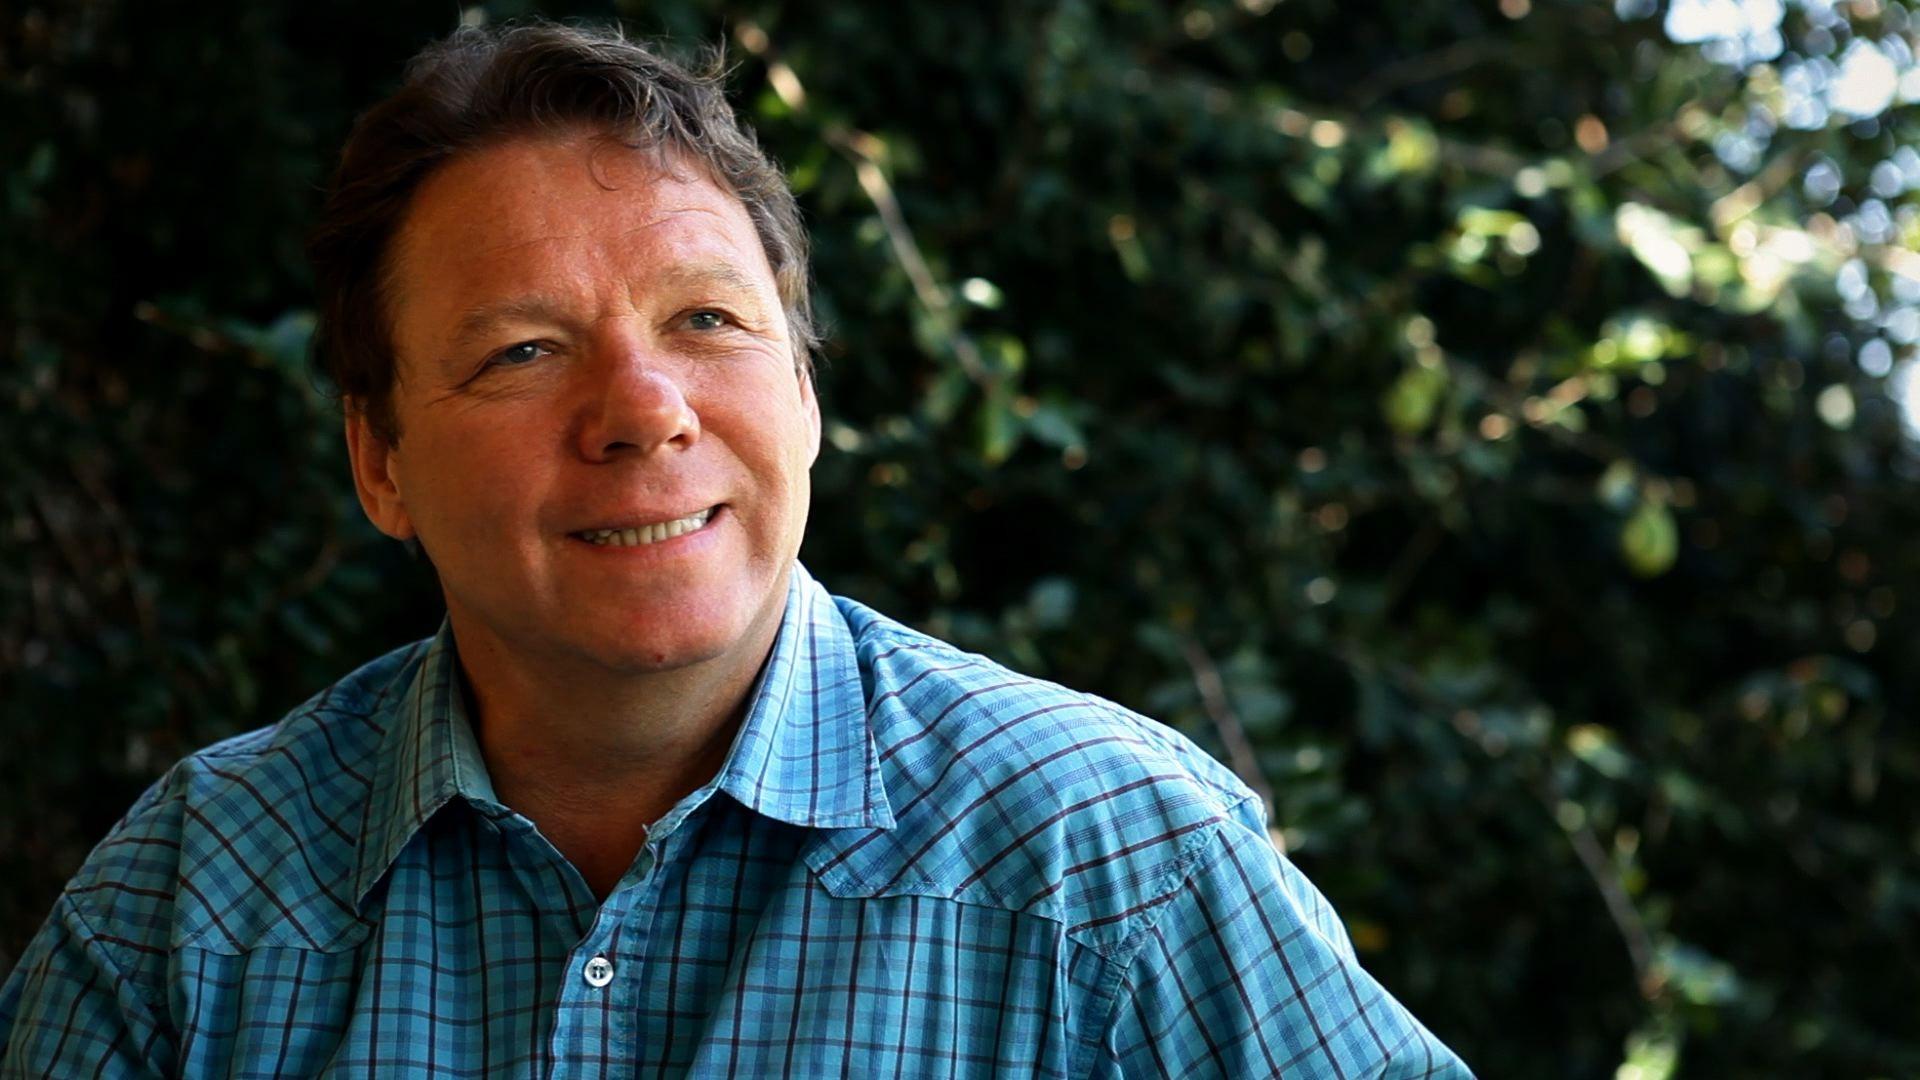 Claude Troisgros, no 'Casa brasileira' (Foto: Divulgação)